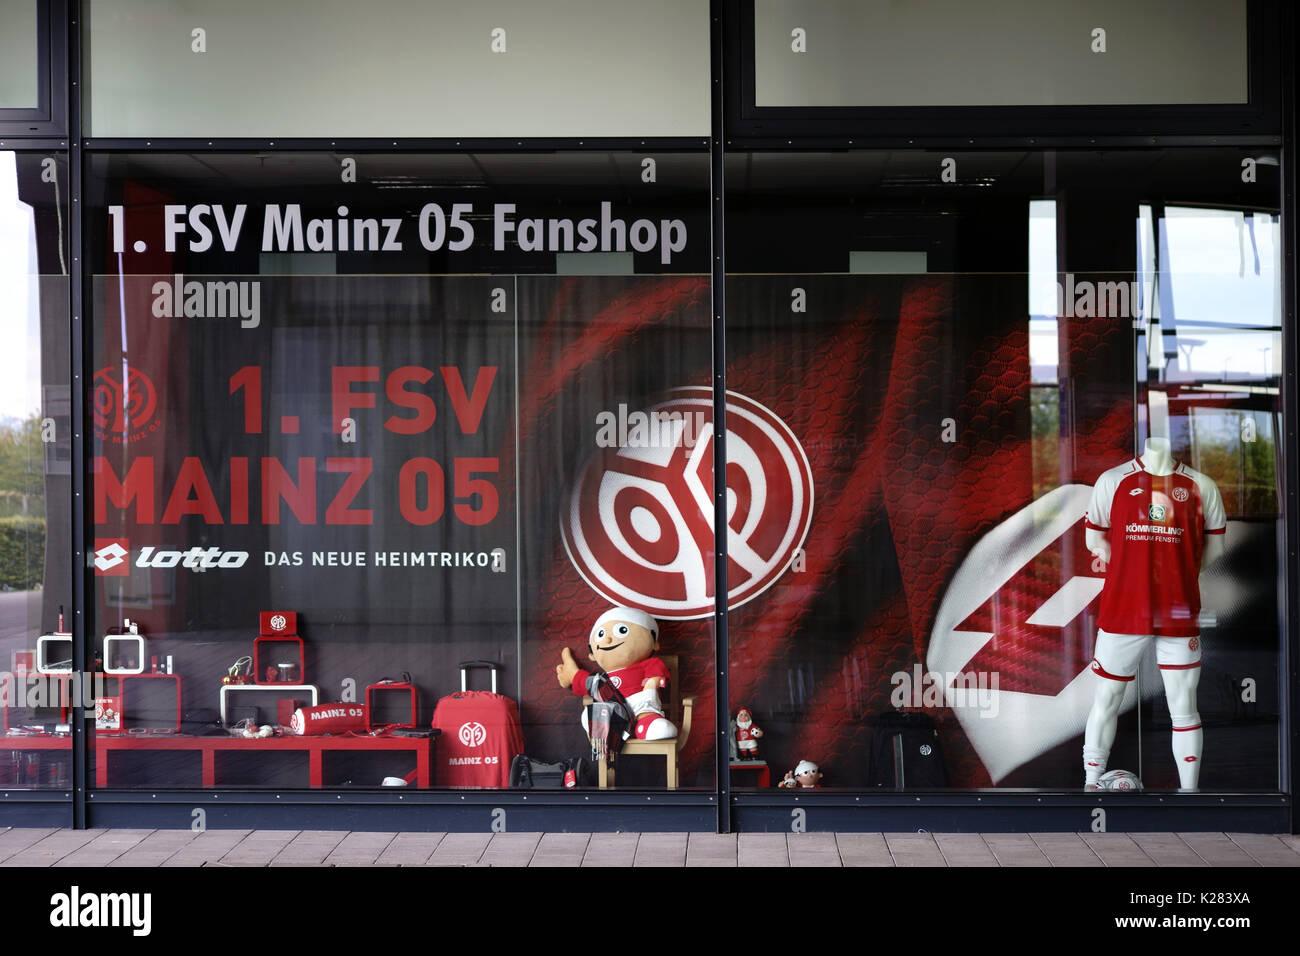 mainz, deutschland - 20. august 2017: der fan shop der fsv mainz 05